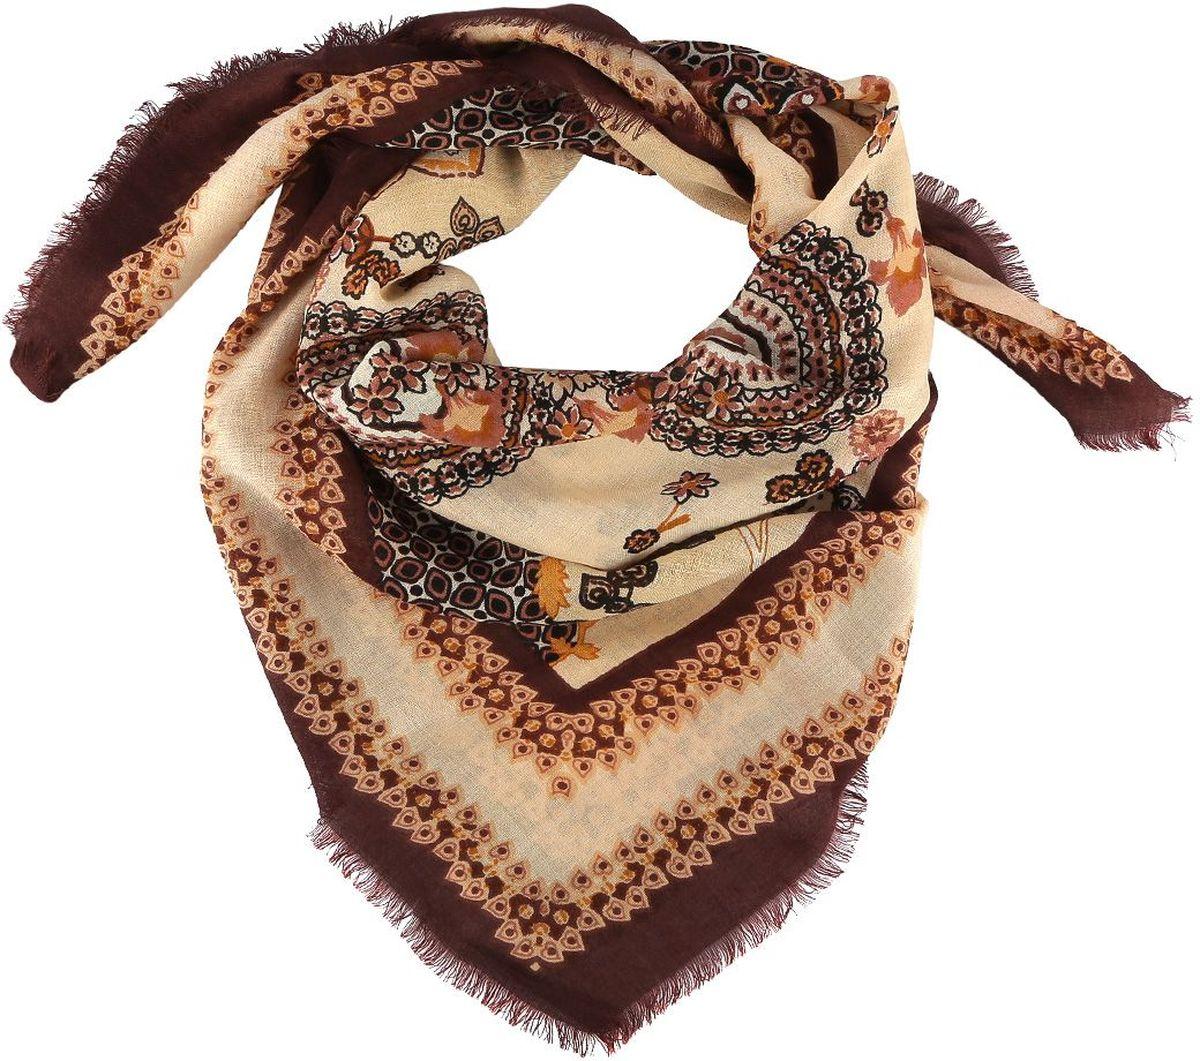 1311019-3Стильный женский платок Fabretti - добавит в ваш образ нотку романтики и шарма, а также подчеркнет безупречный вкус. Прекрасное завершение вашего образа.